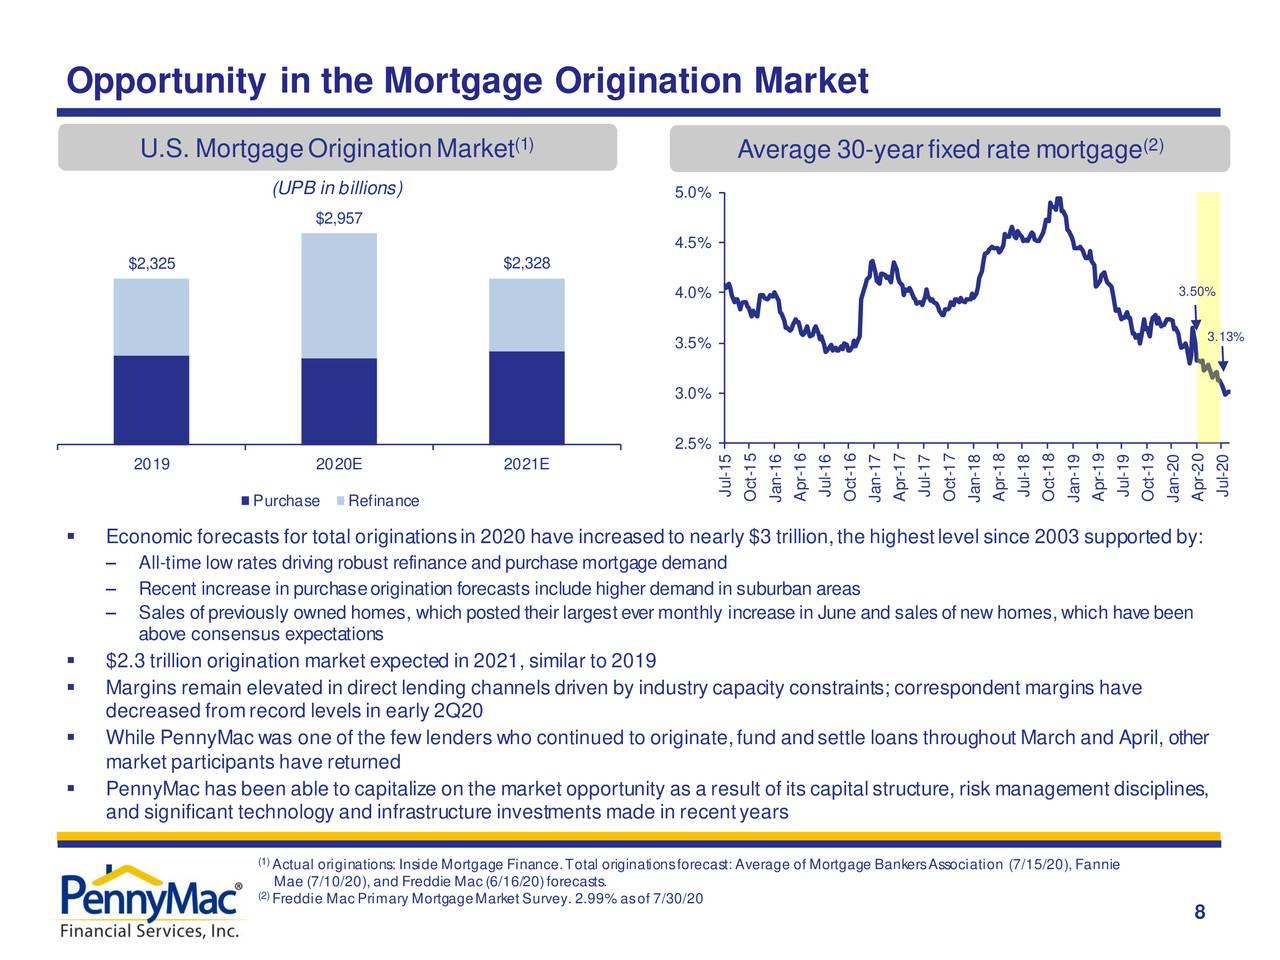 Oportunidad en el mercado de originación de hipotecas